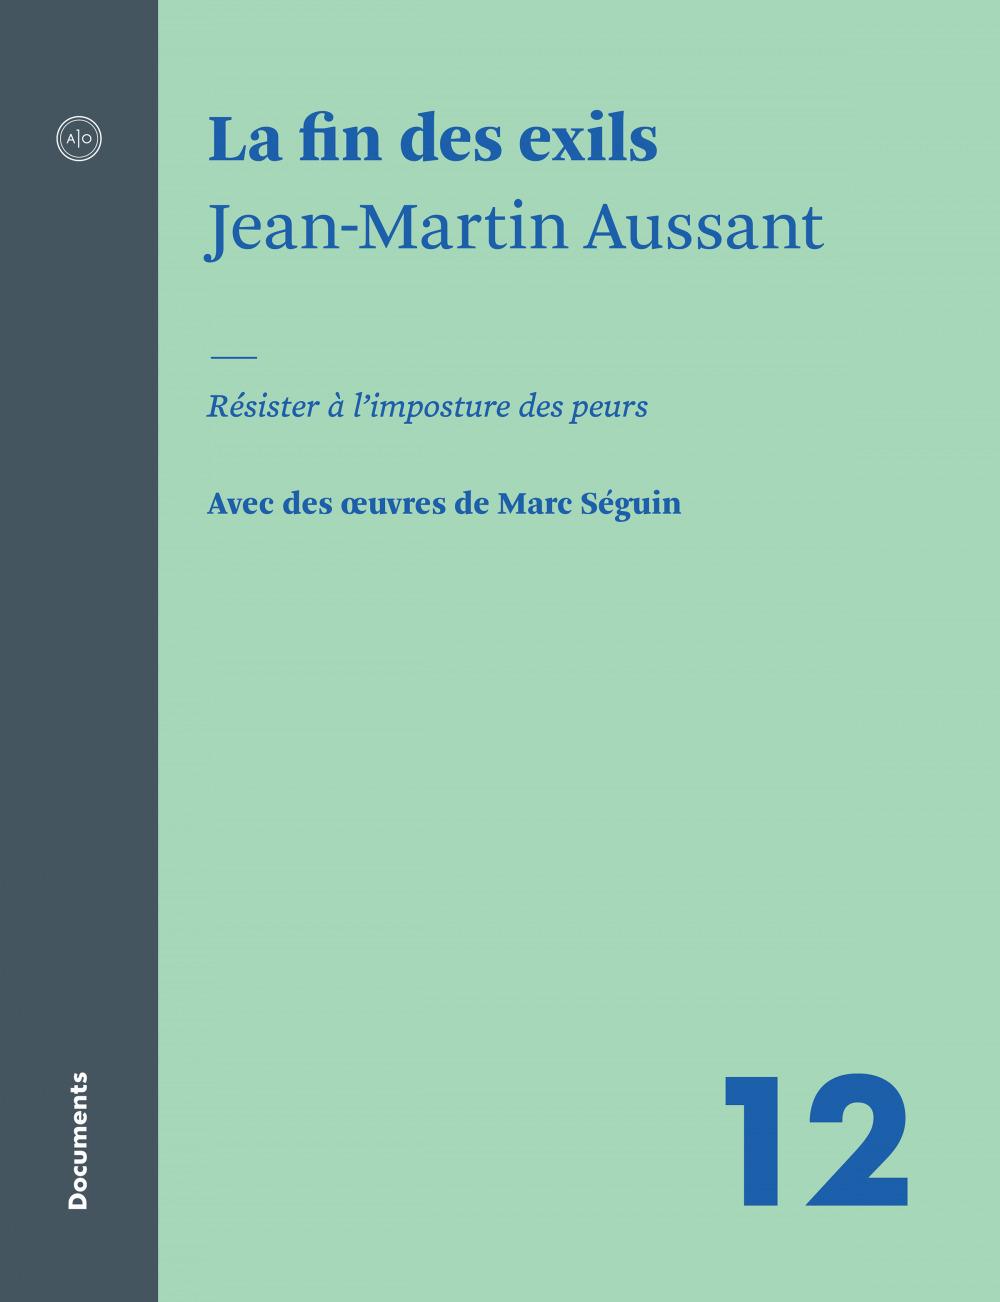 La fin des exils  - Jean-Martin Aussant